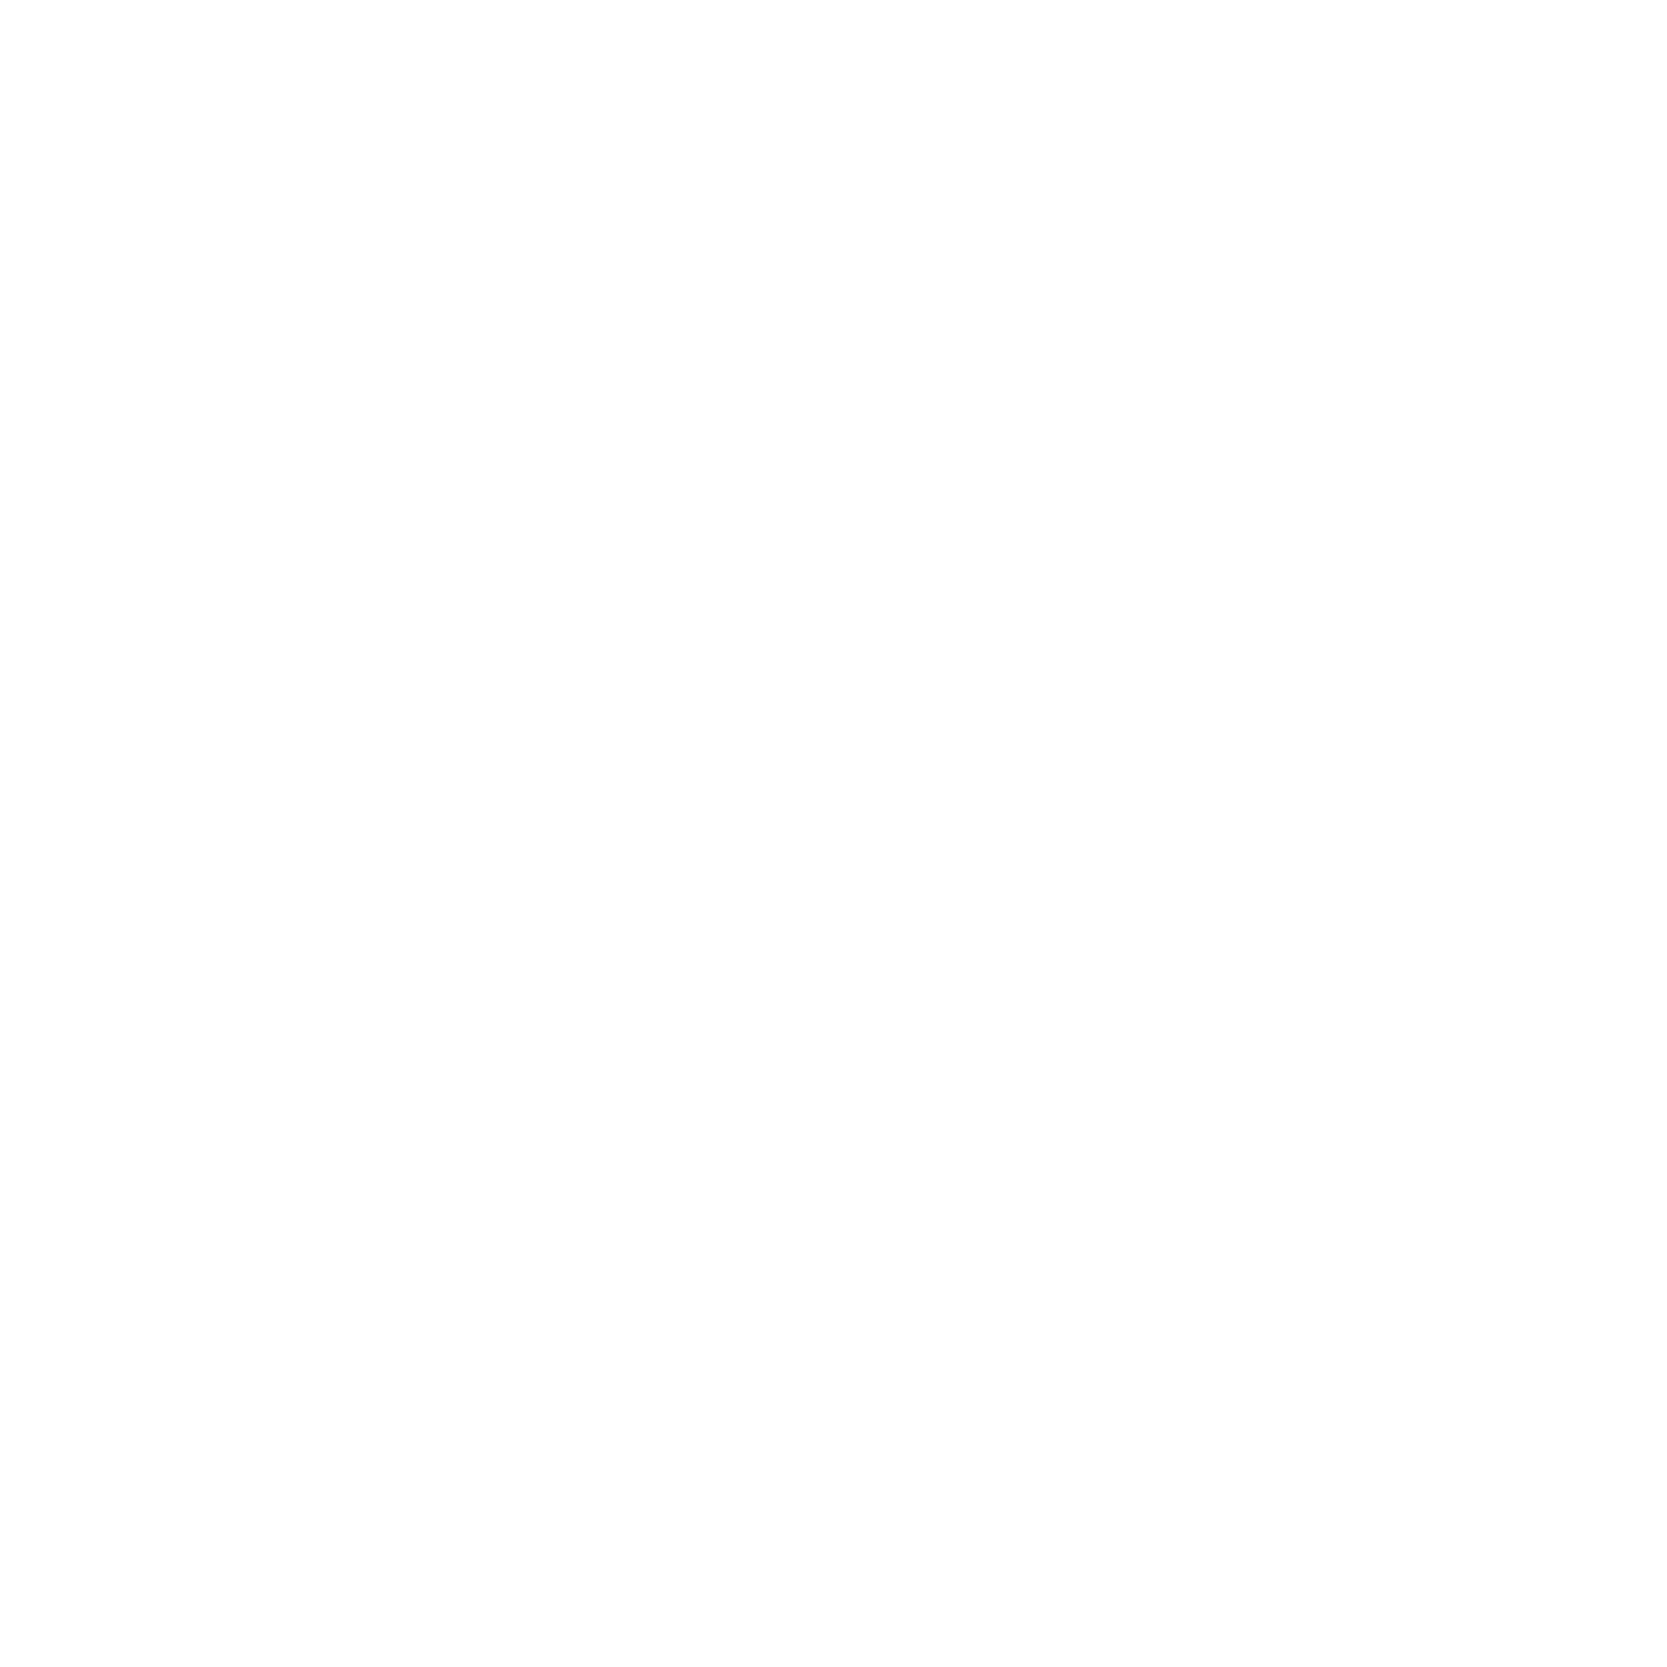 RockCreek-logo-white-01.png